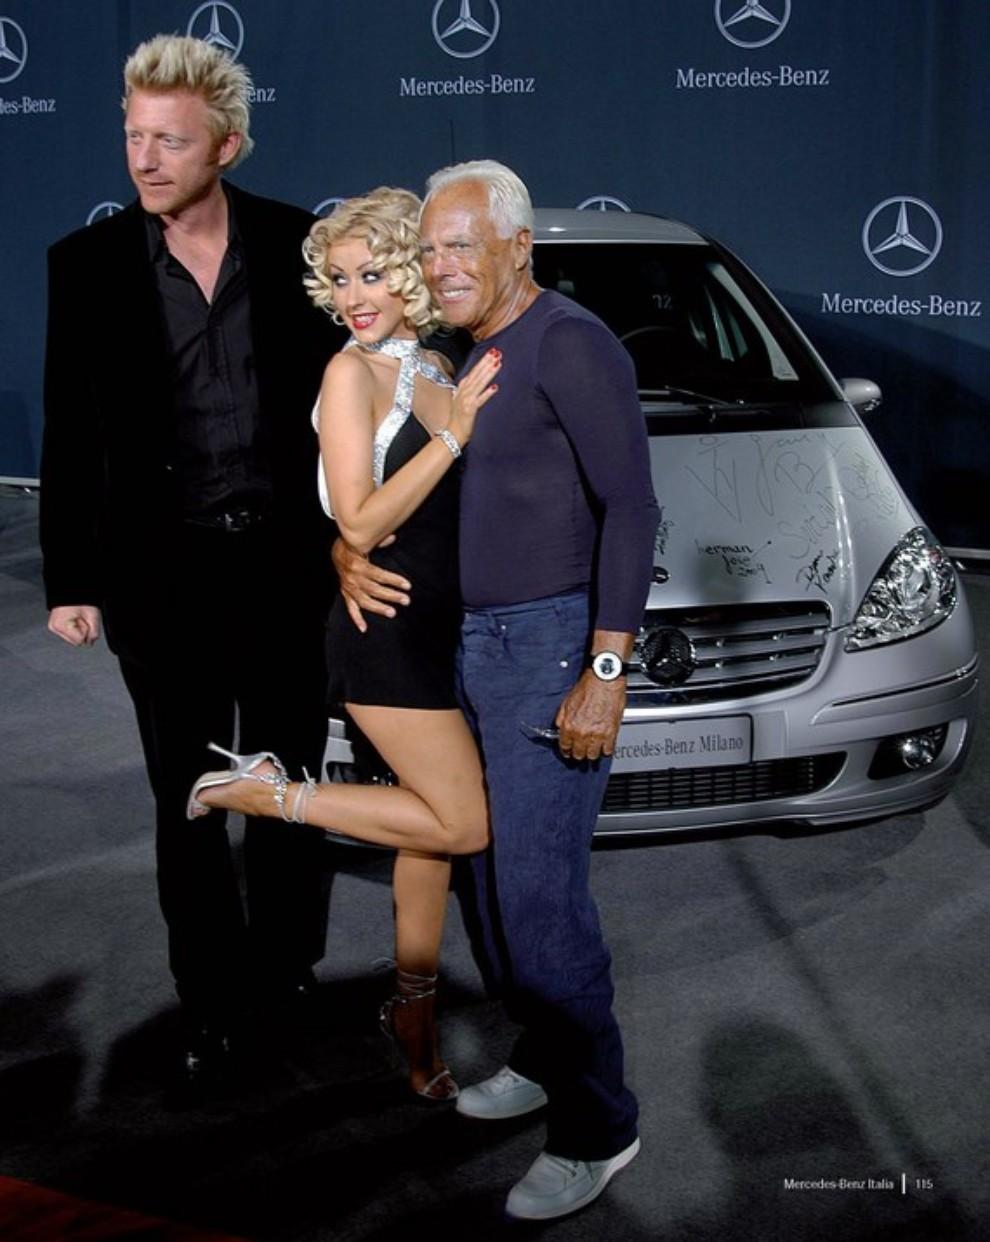 Mercedes benz italia festeggia i suoi primi 40 anni con 1 for Mercedes benz staff